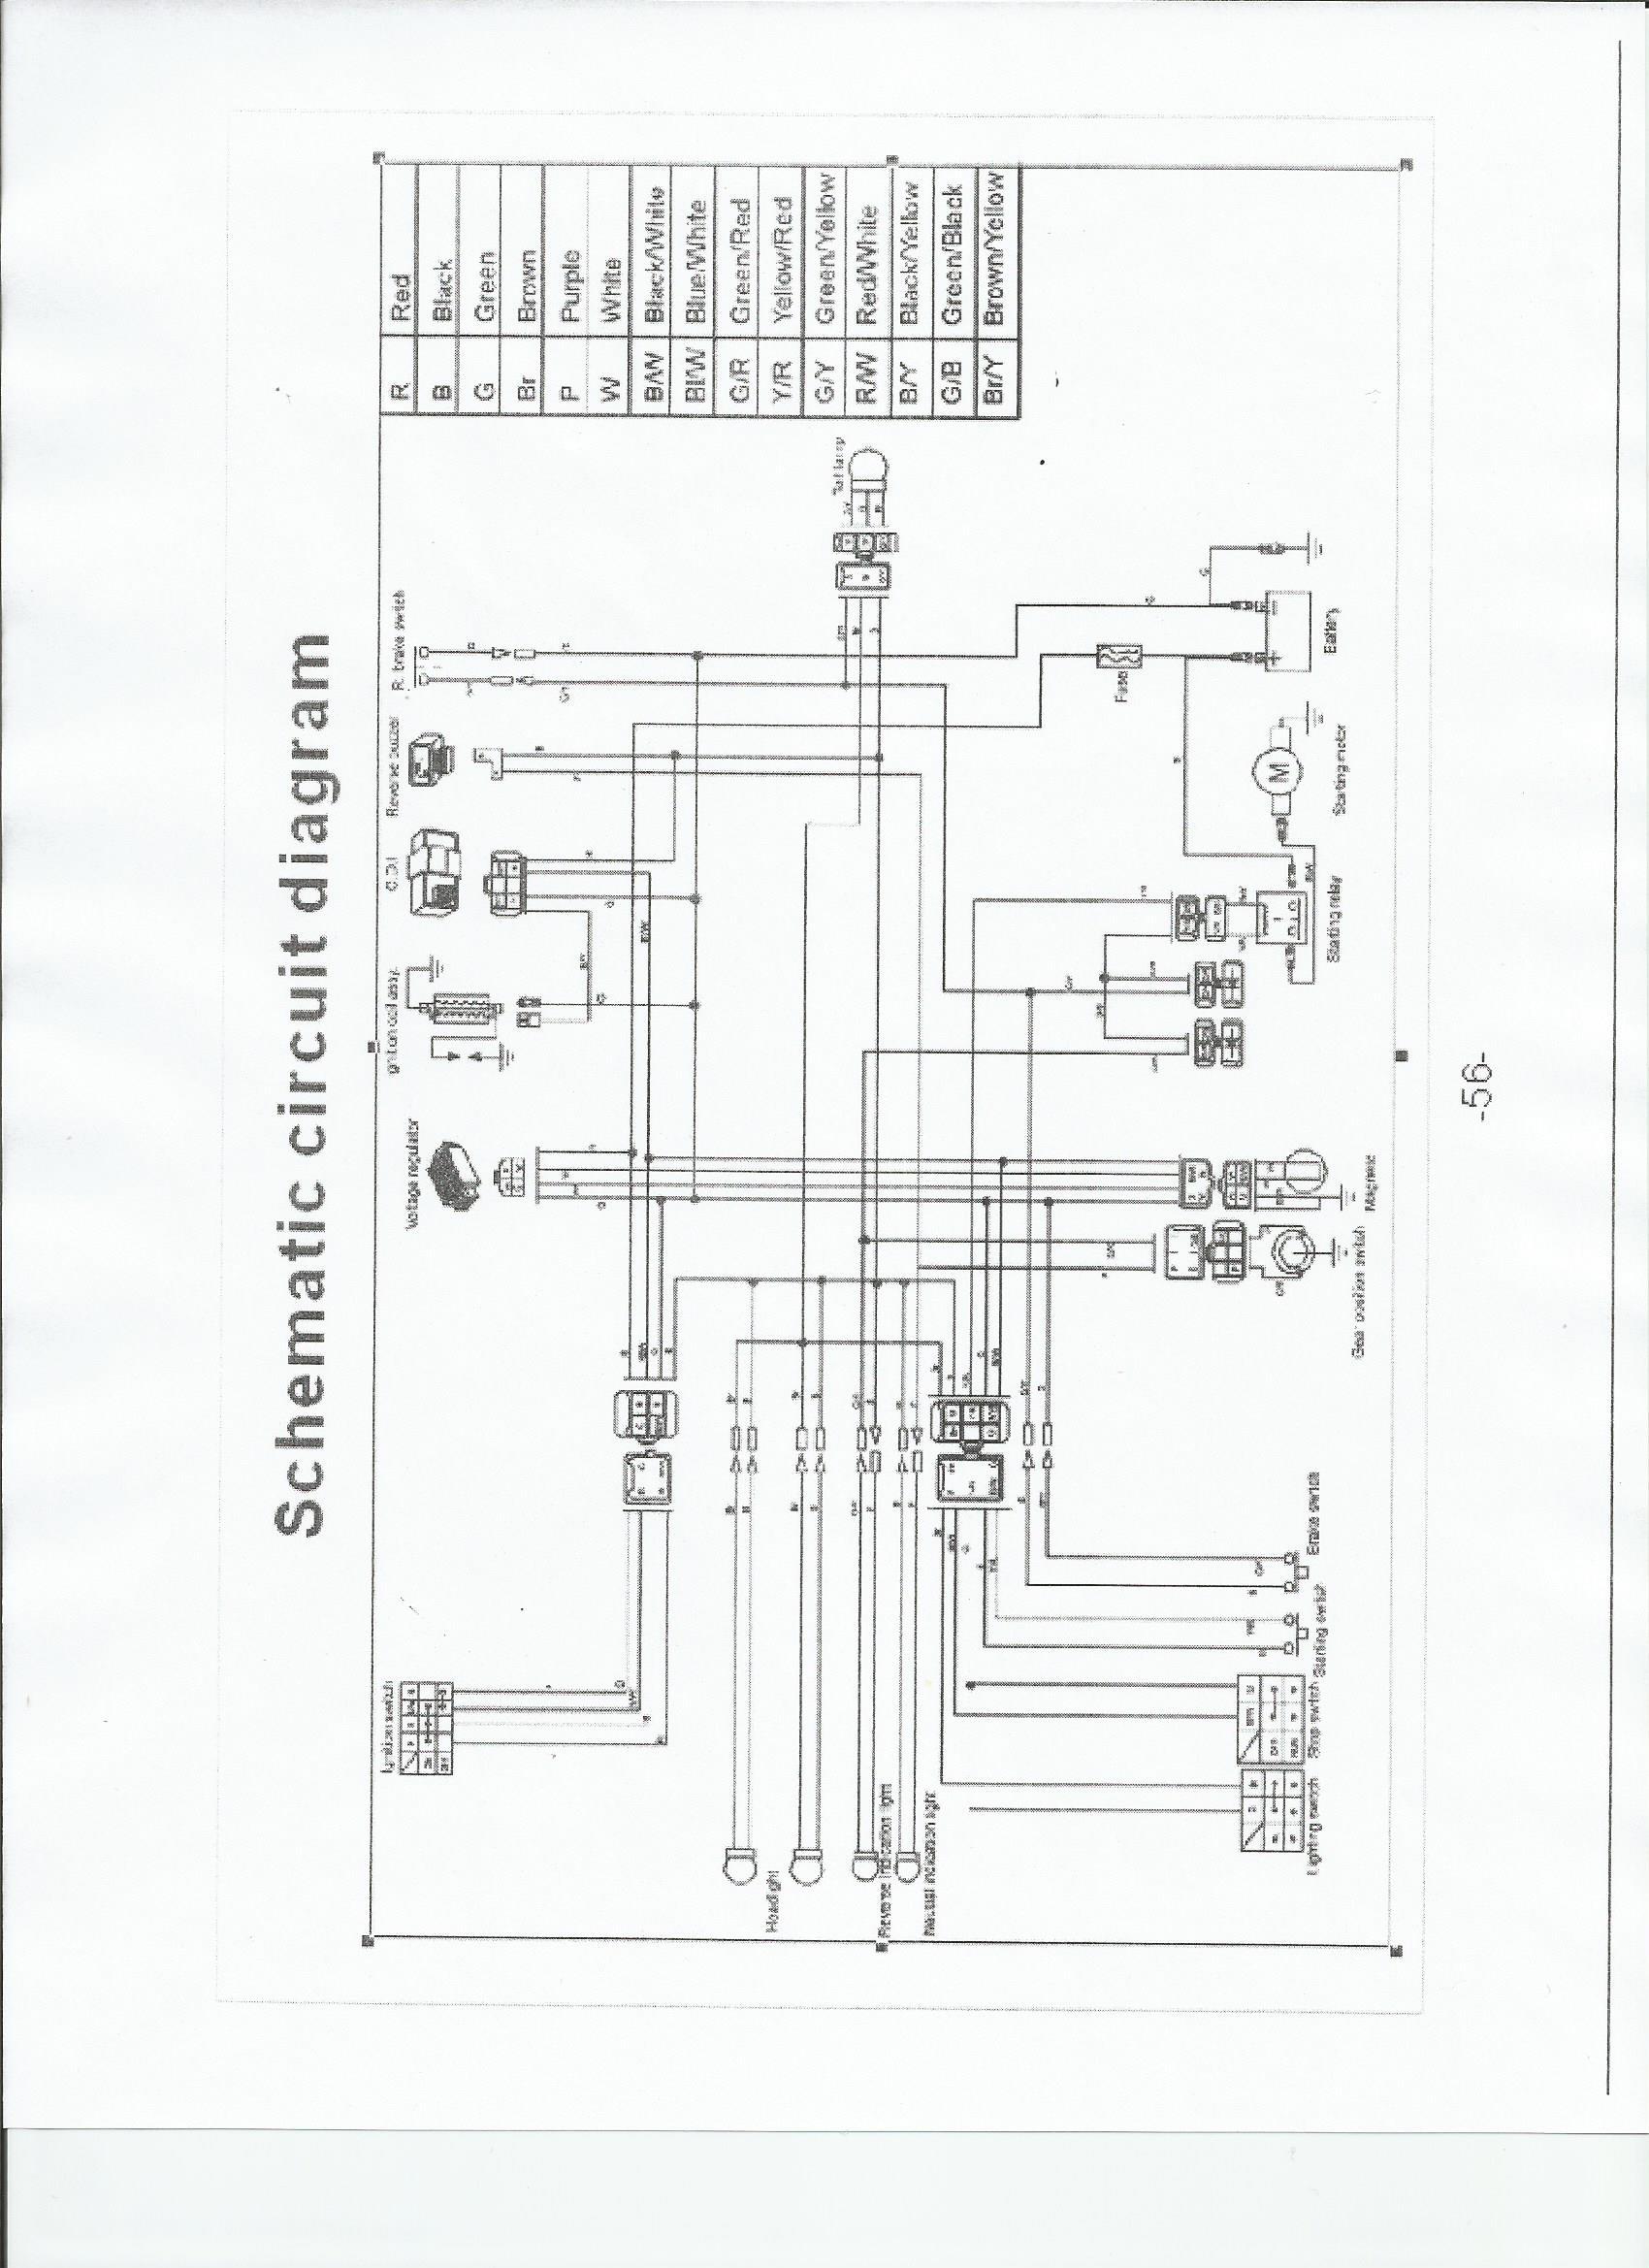 90cc Atv Wiring Diagram Also Panther 110 Atv Wiring